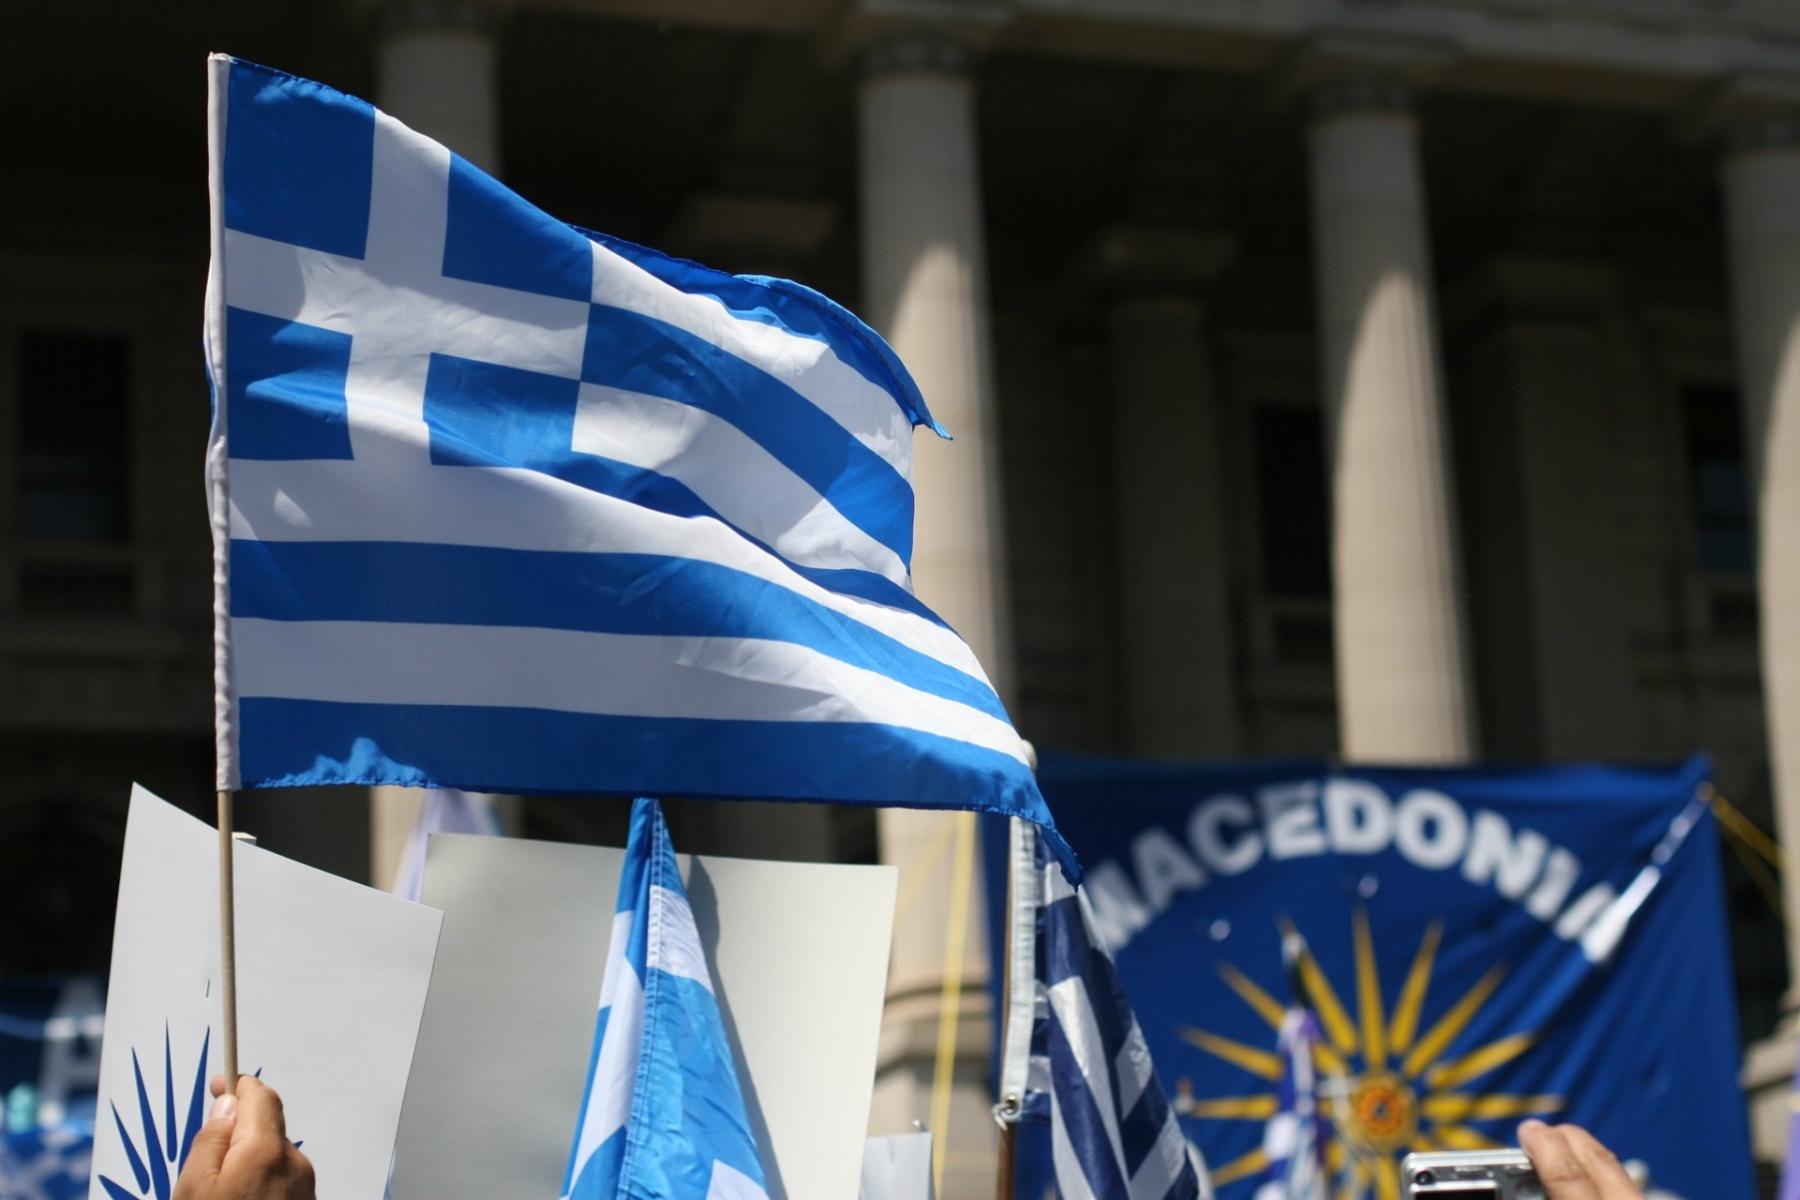 Řecko-makedonský sport o název Makedonie